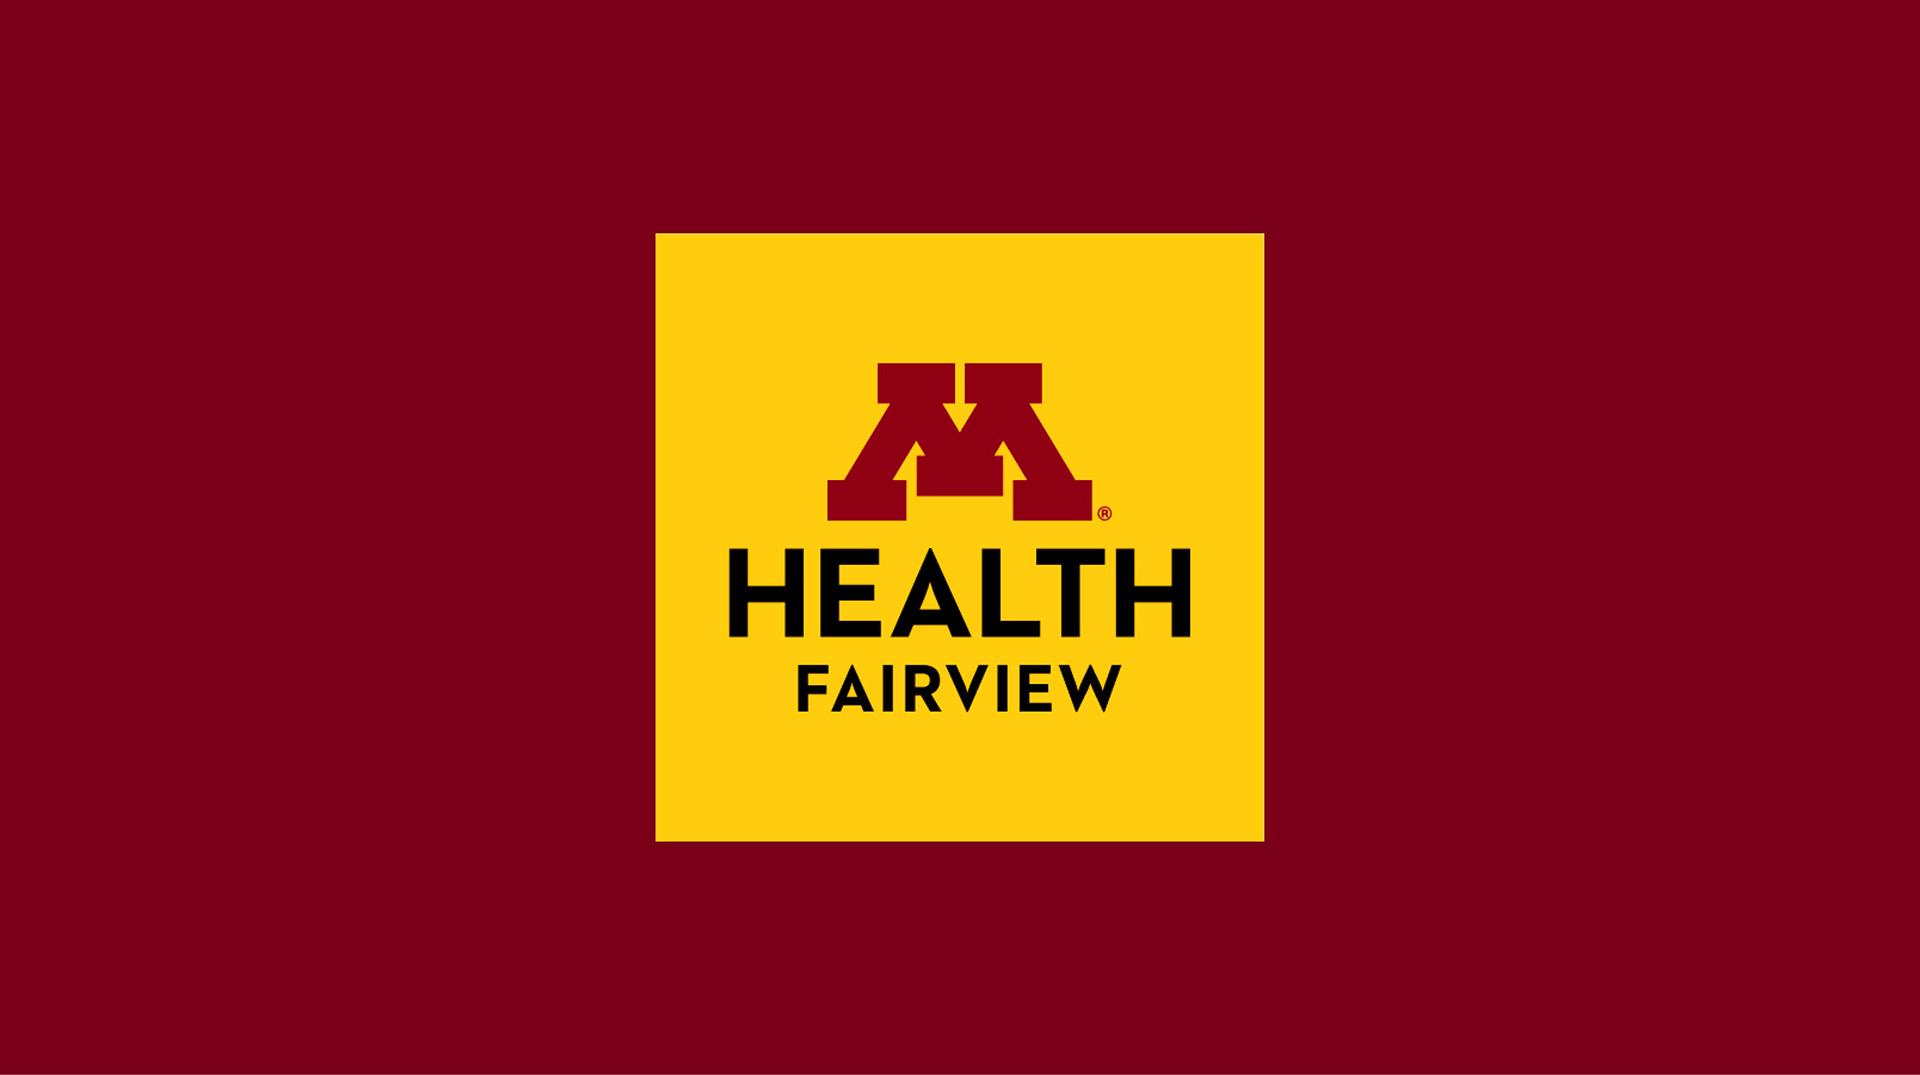 M Health Fairview